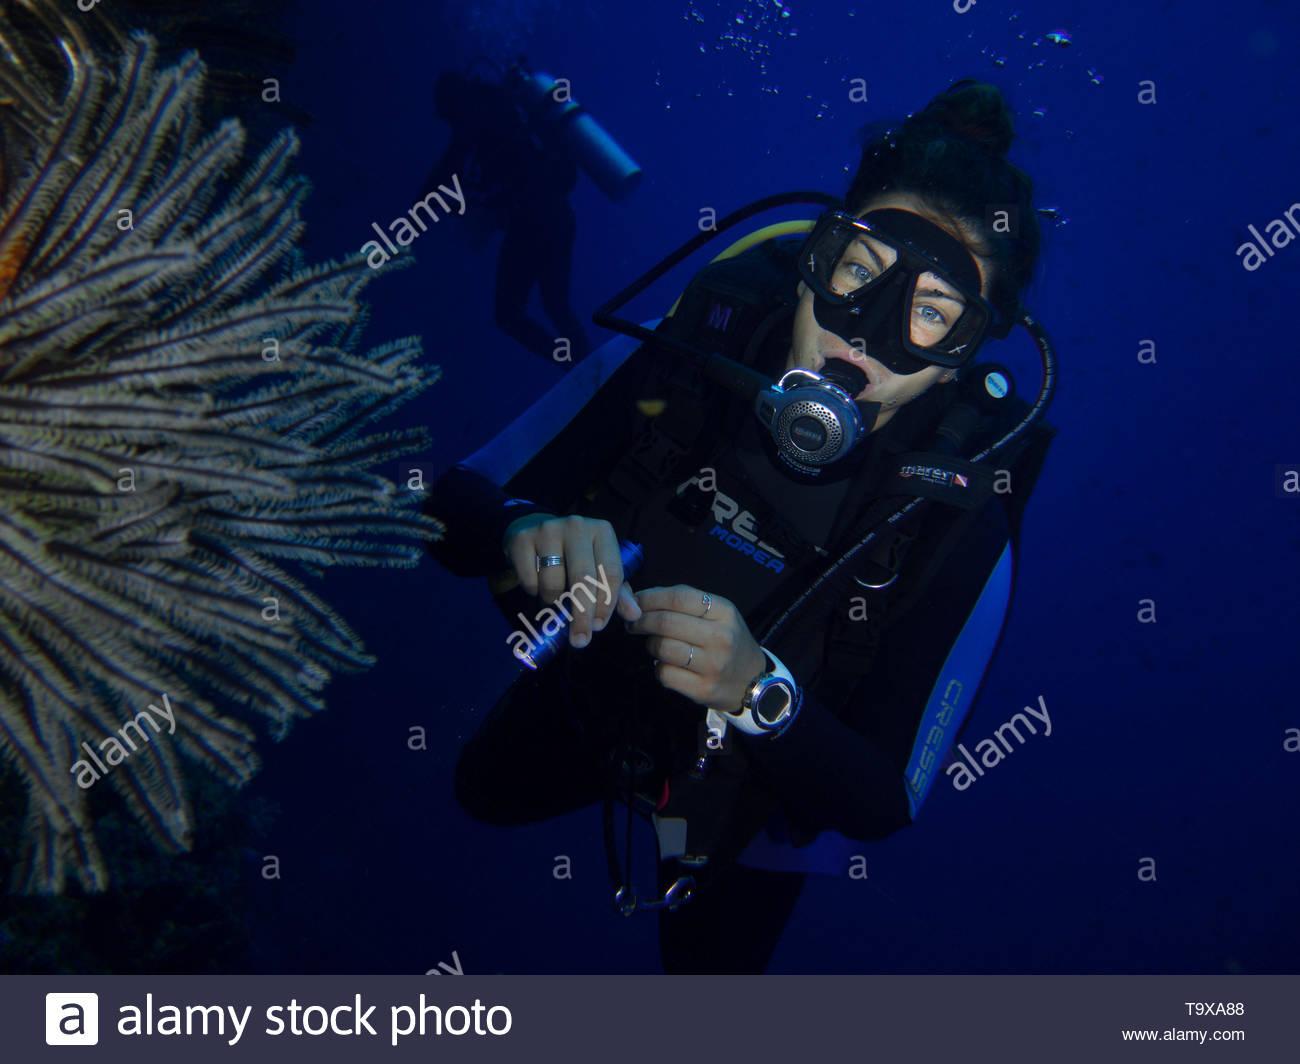 Donna scuba diver (esistente modello di rilascio) e piuma stella di mare underwater godendo la barriera corallina del Parco Nazionale di Bunaken, Sulawesi, Indonesia Immagini Stock